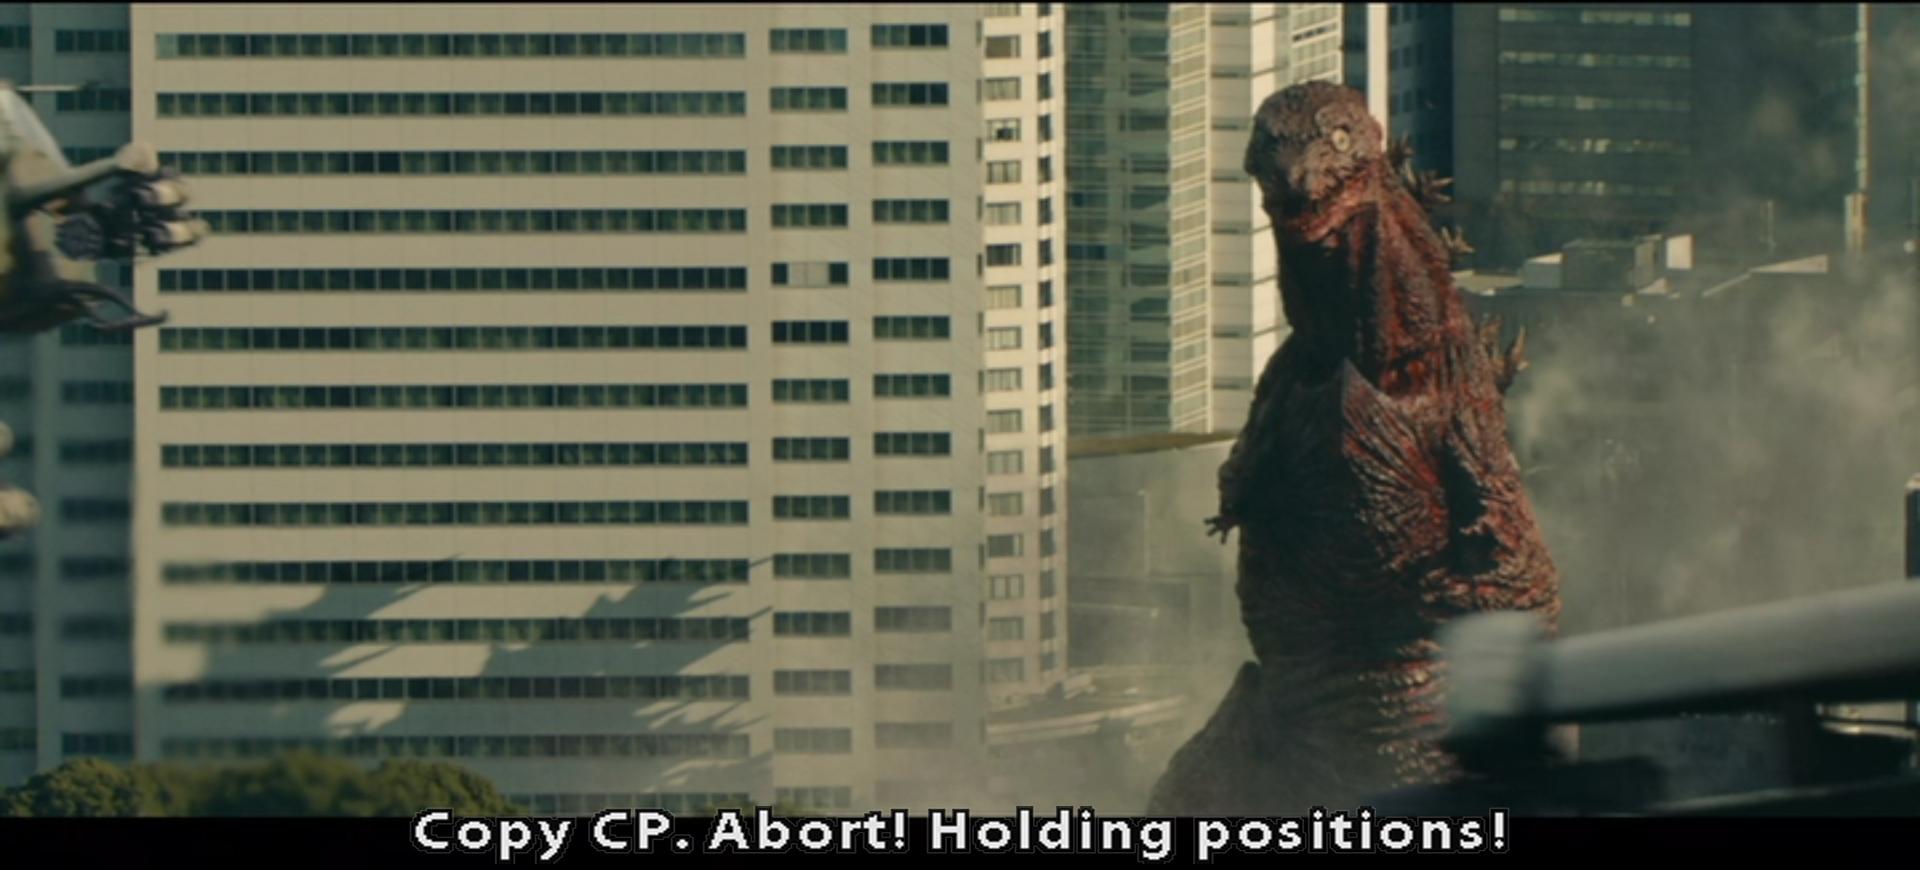 Big, awkward Godzilla